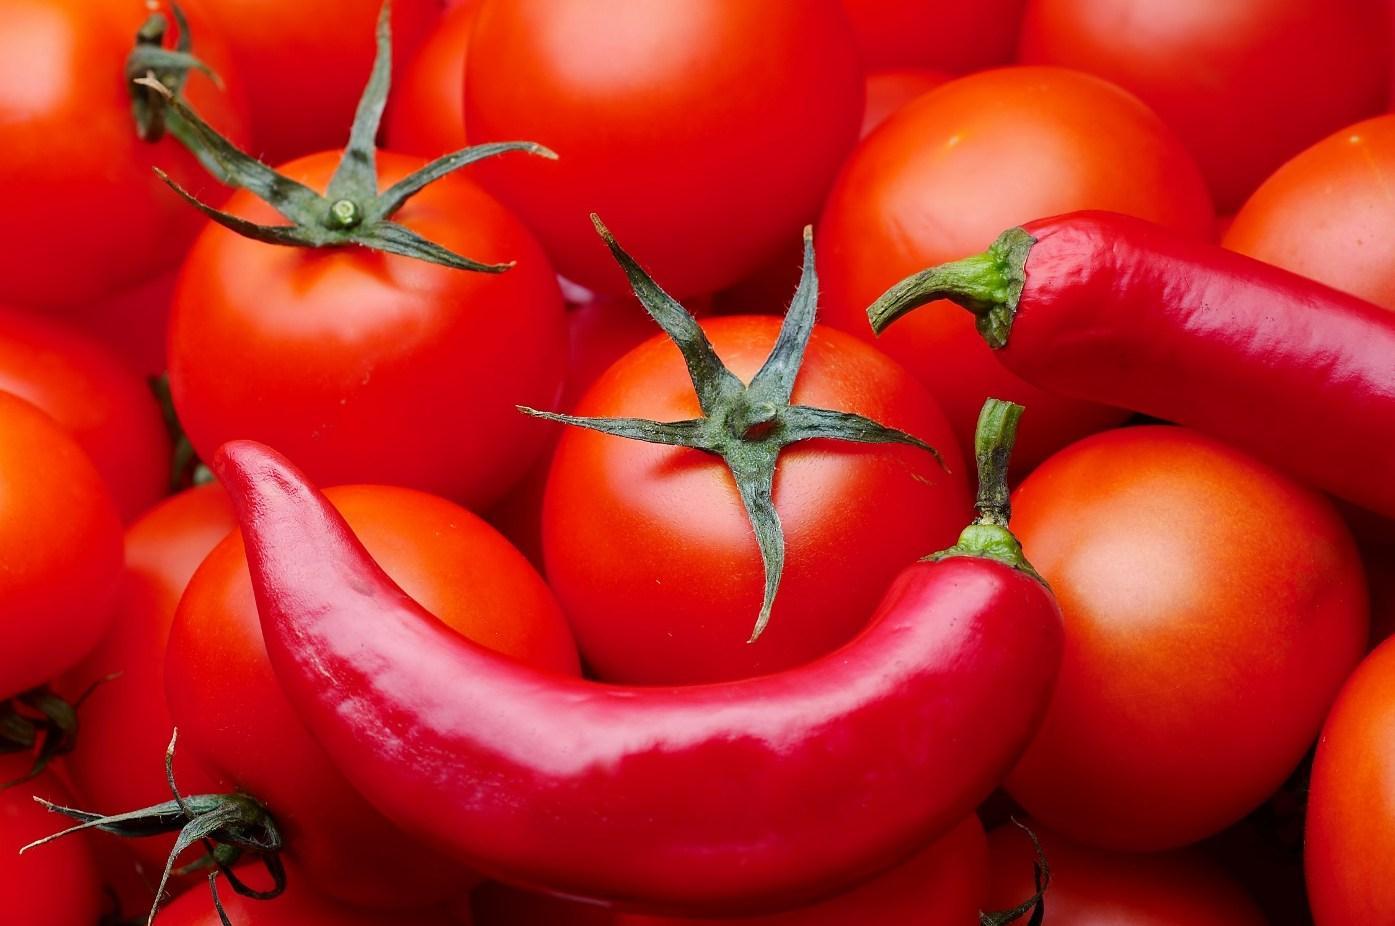 обои для рабочего стола, фото, перец, tomato